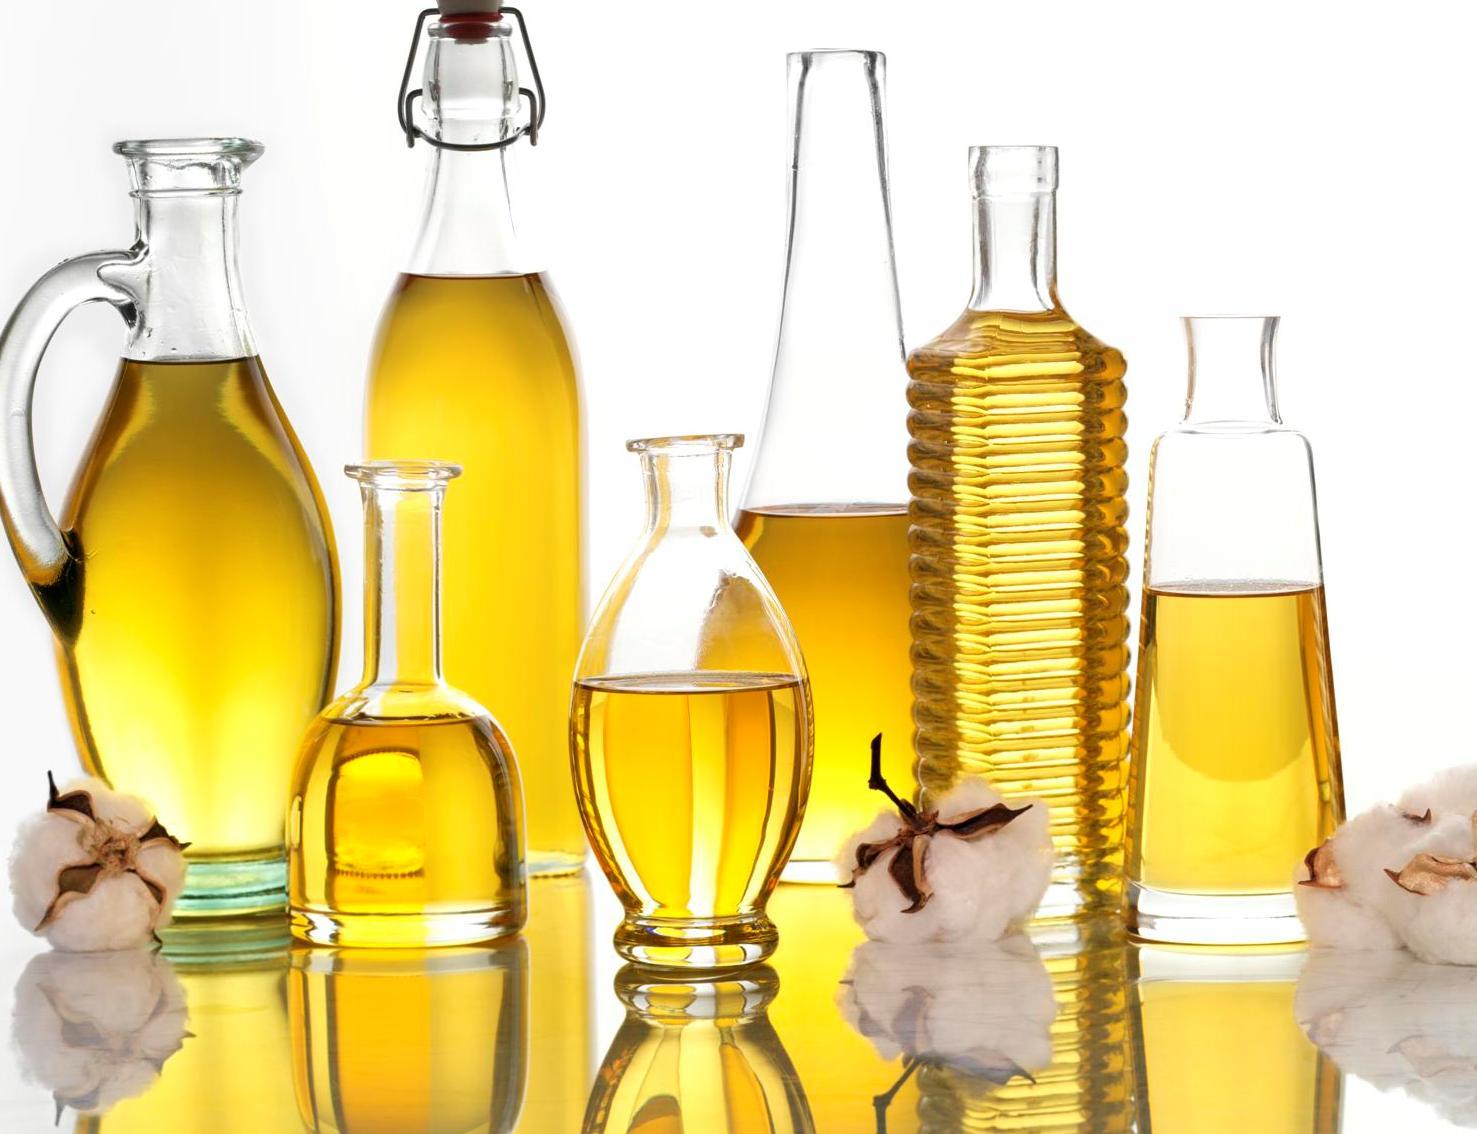 Растительные масла очень важны для нормальной деятельности организма